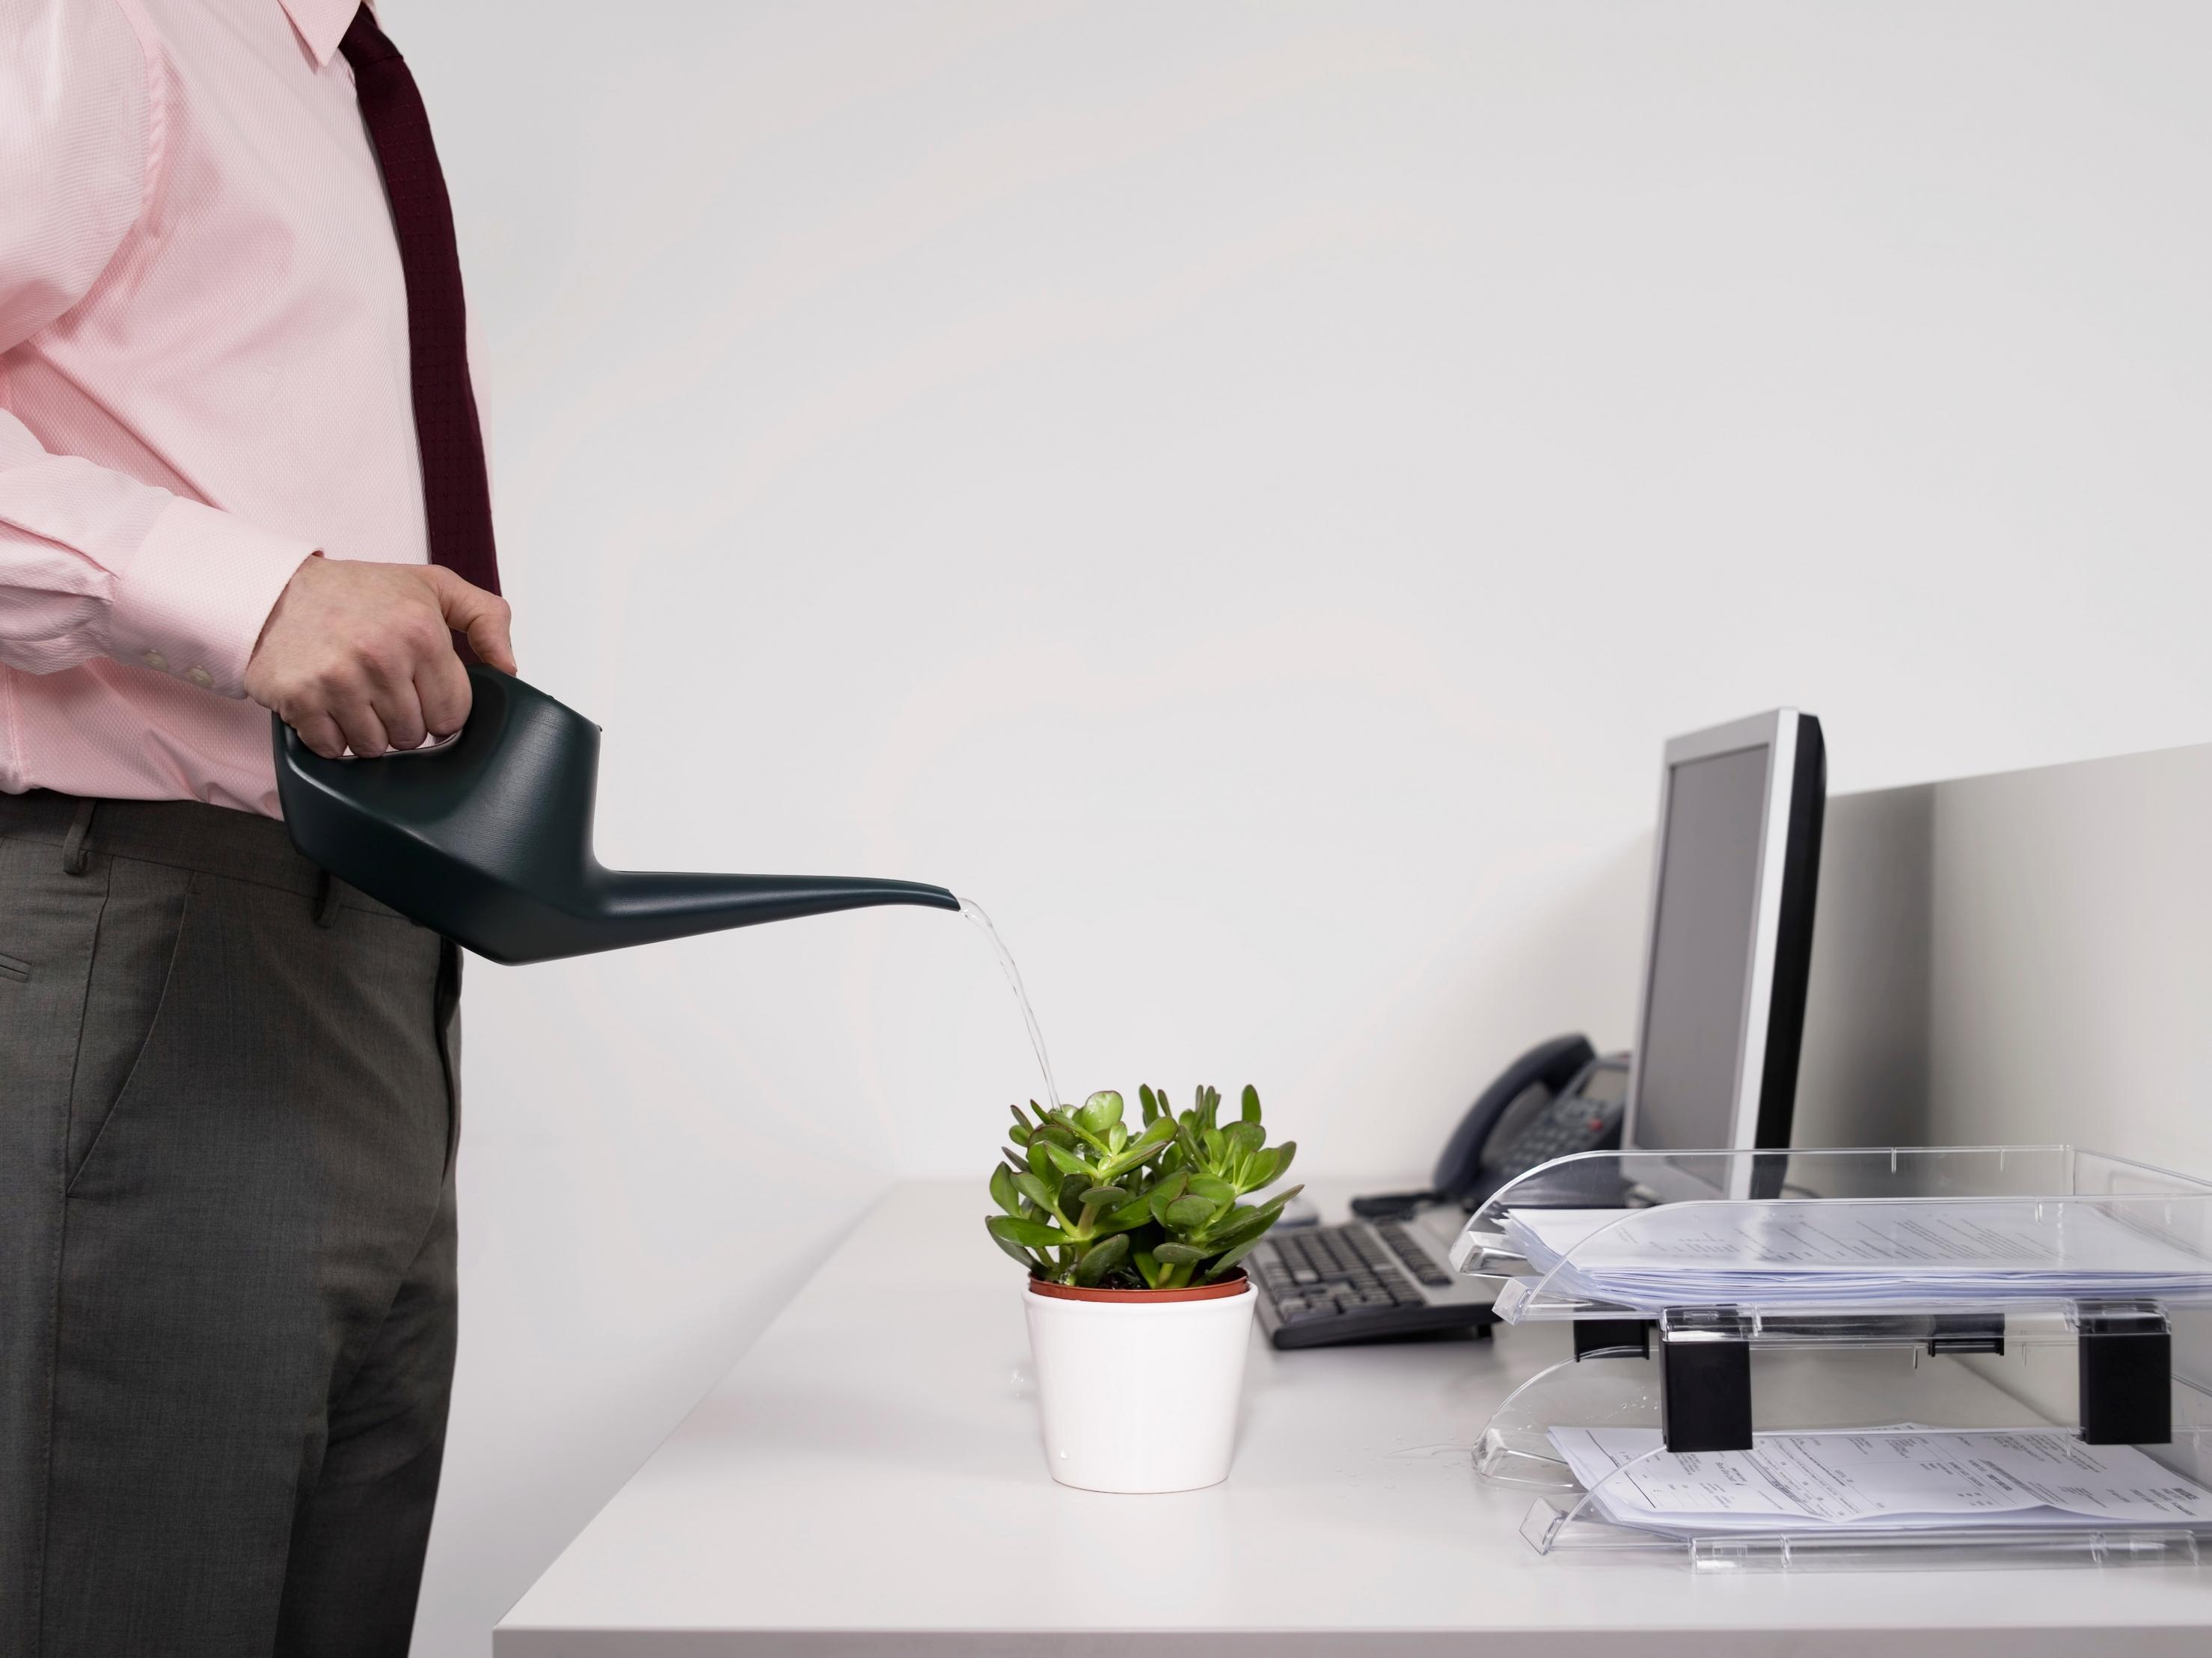 Oficina publica saludable cuidar el medio ambiente desde for Oficina medio ambiente